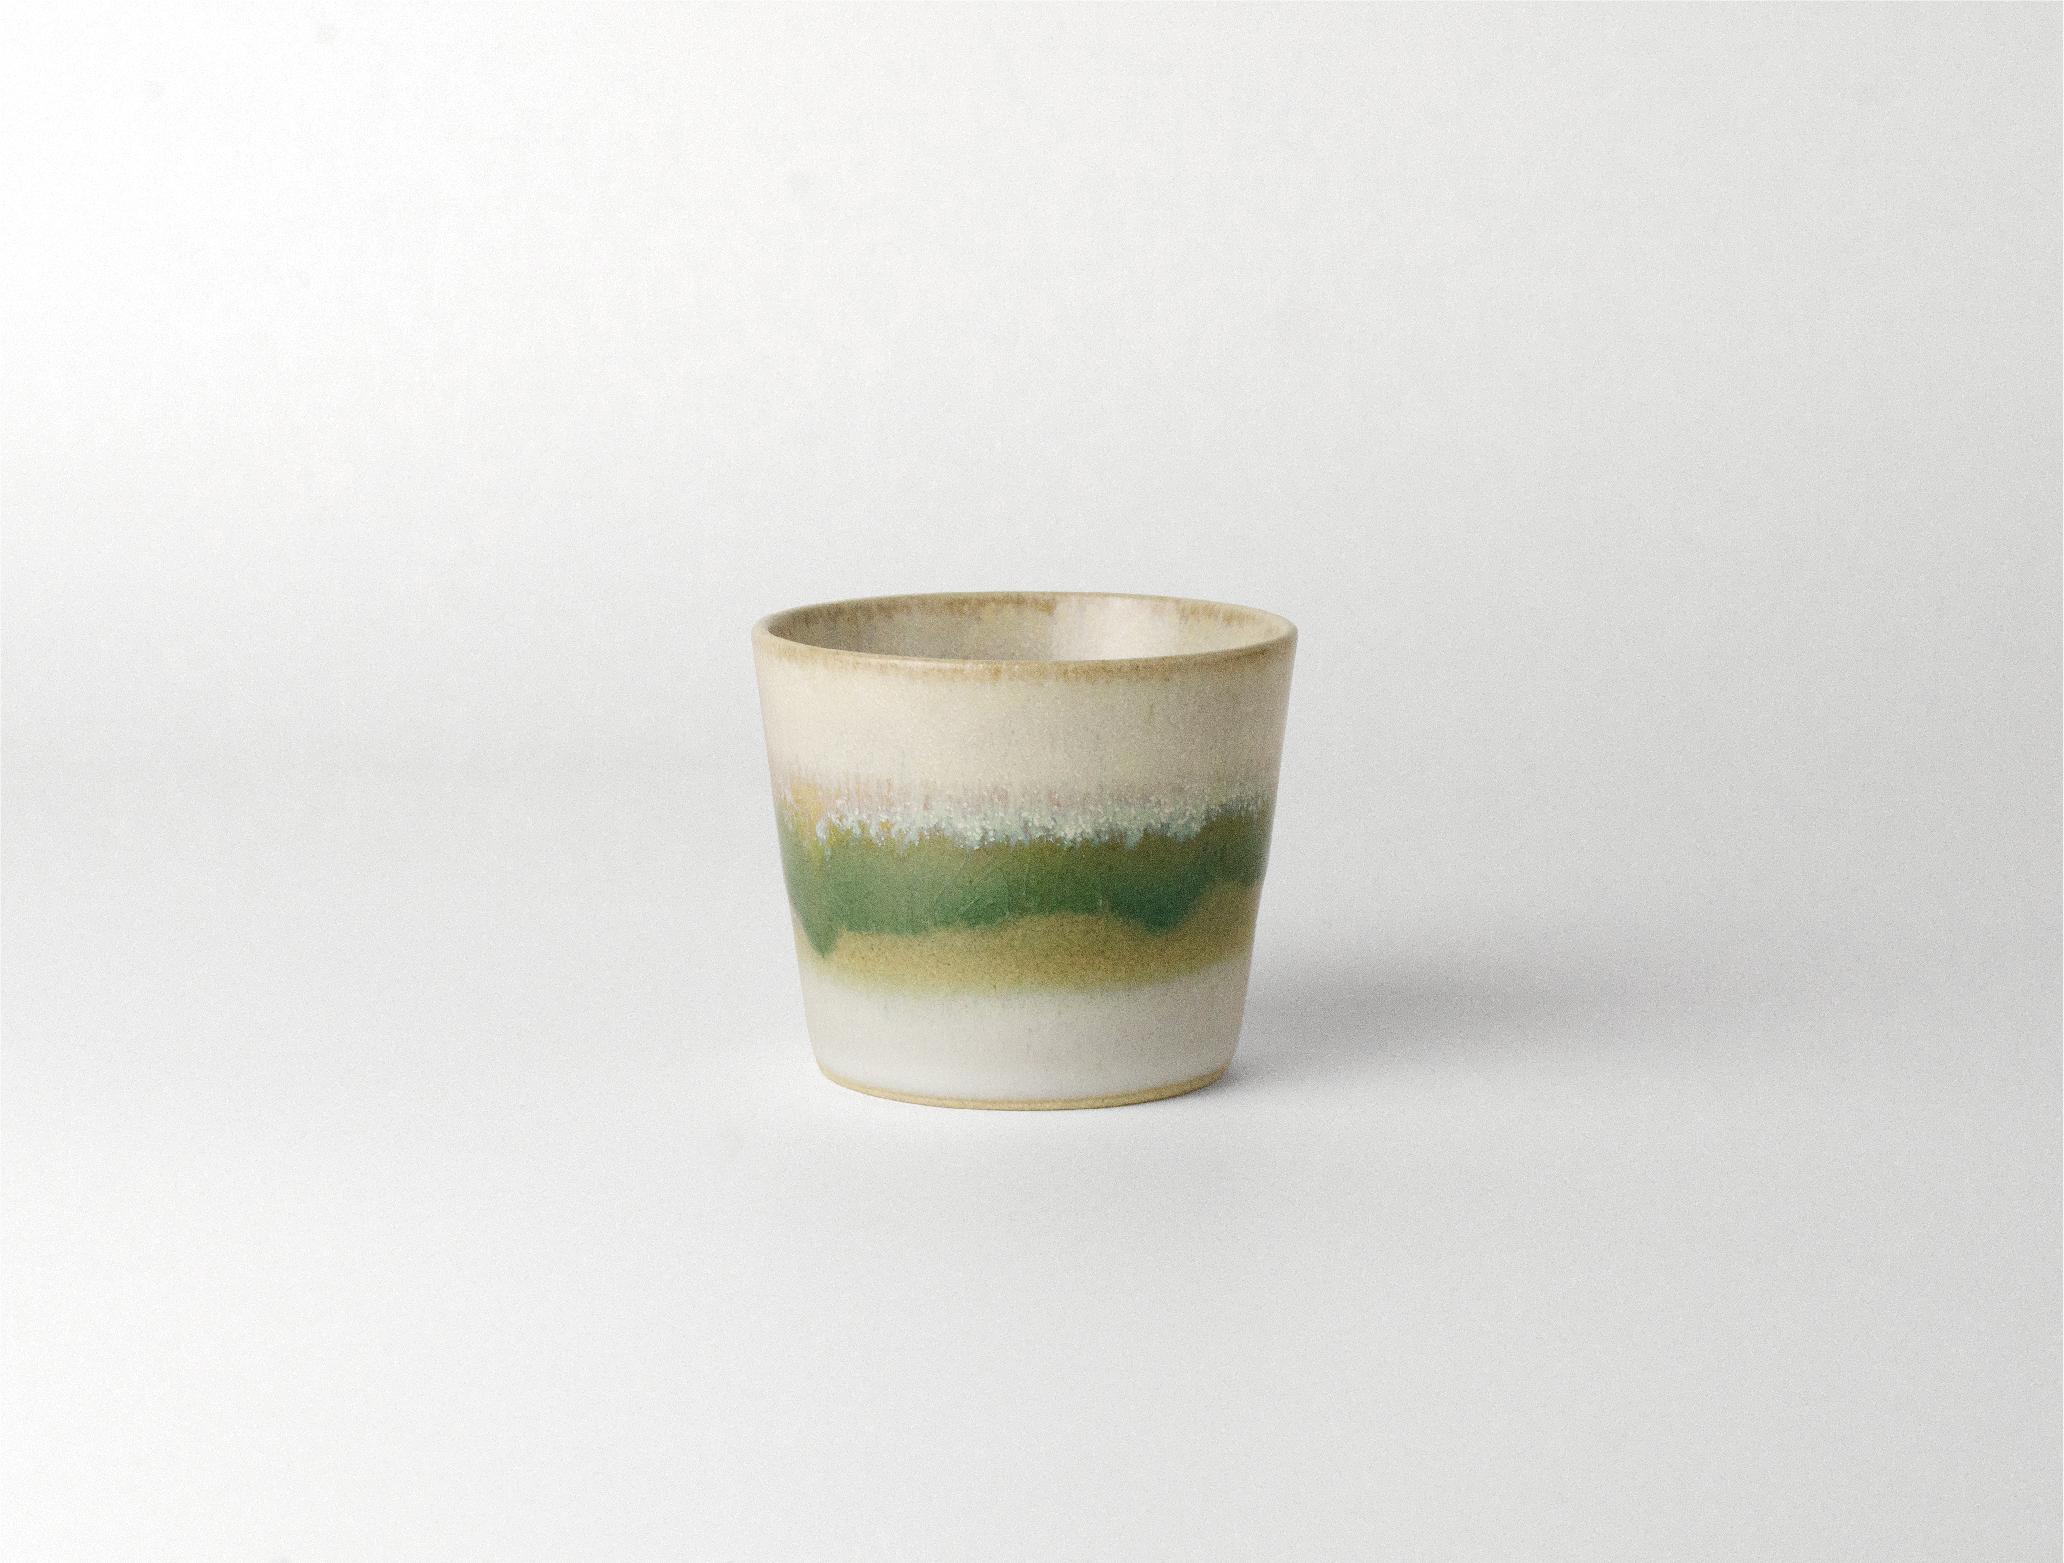 Fujisan_haru 60mlカップ イメージ